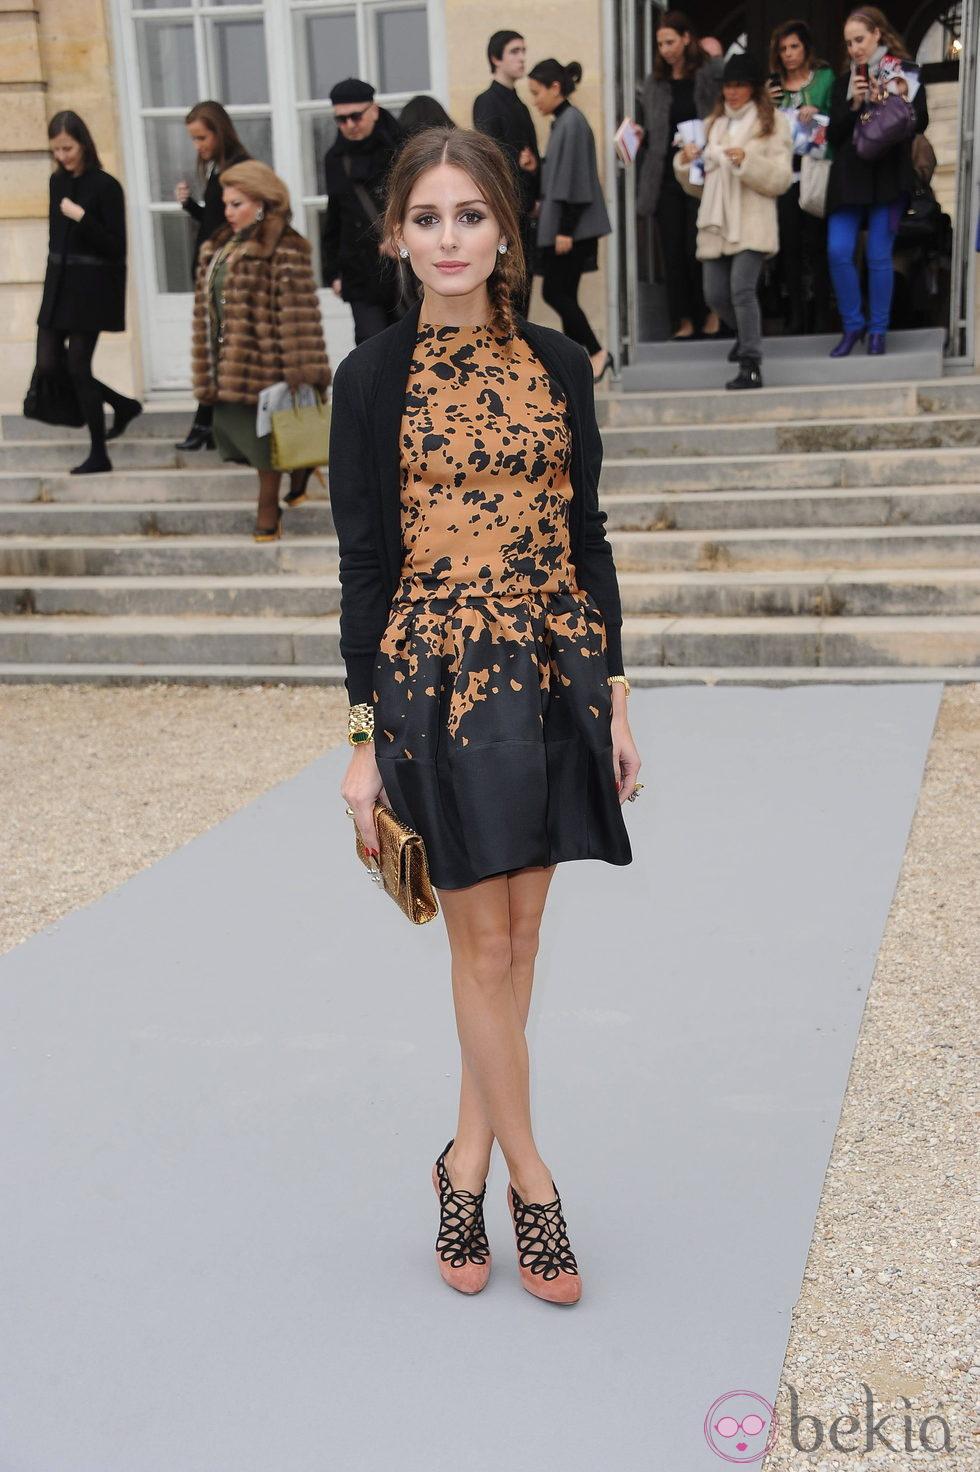 Olivia Palermo con look preepy y trenza lateral